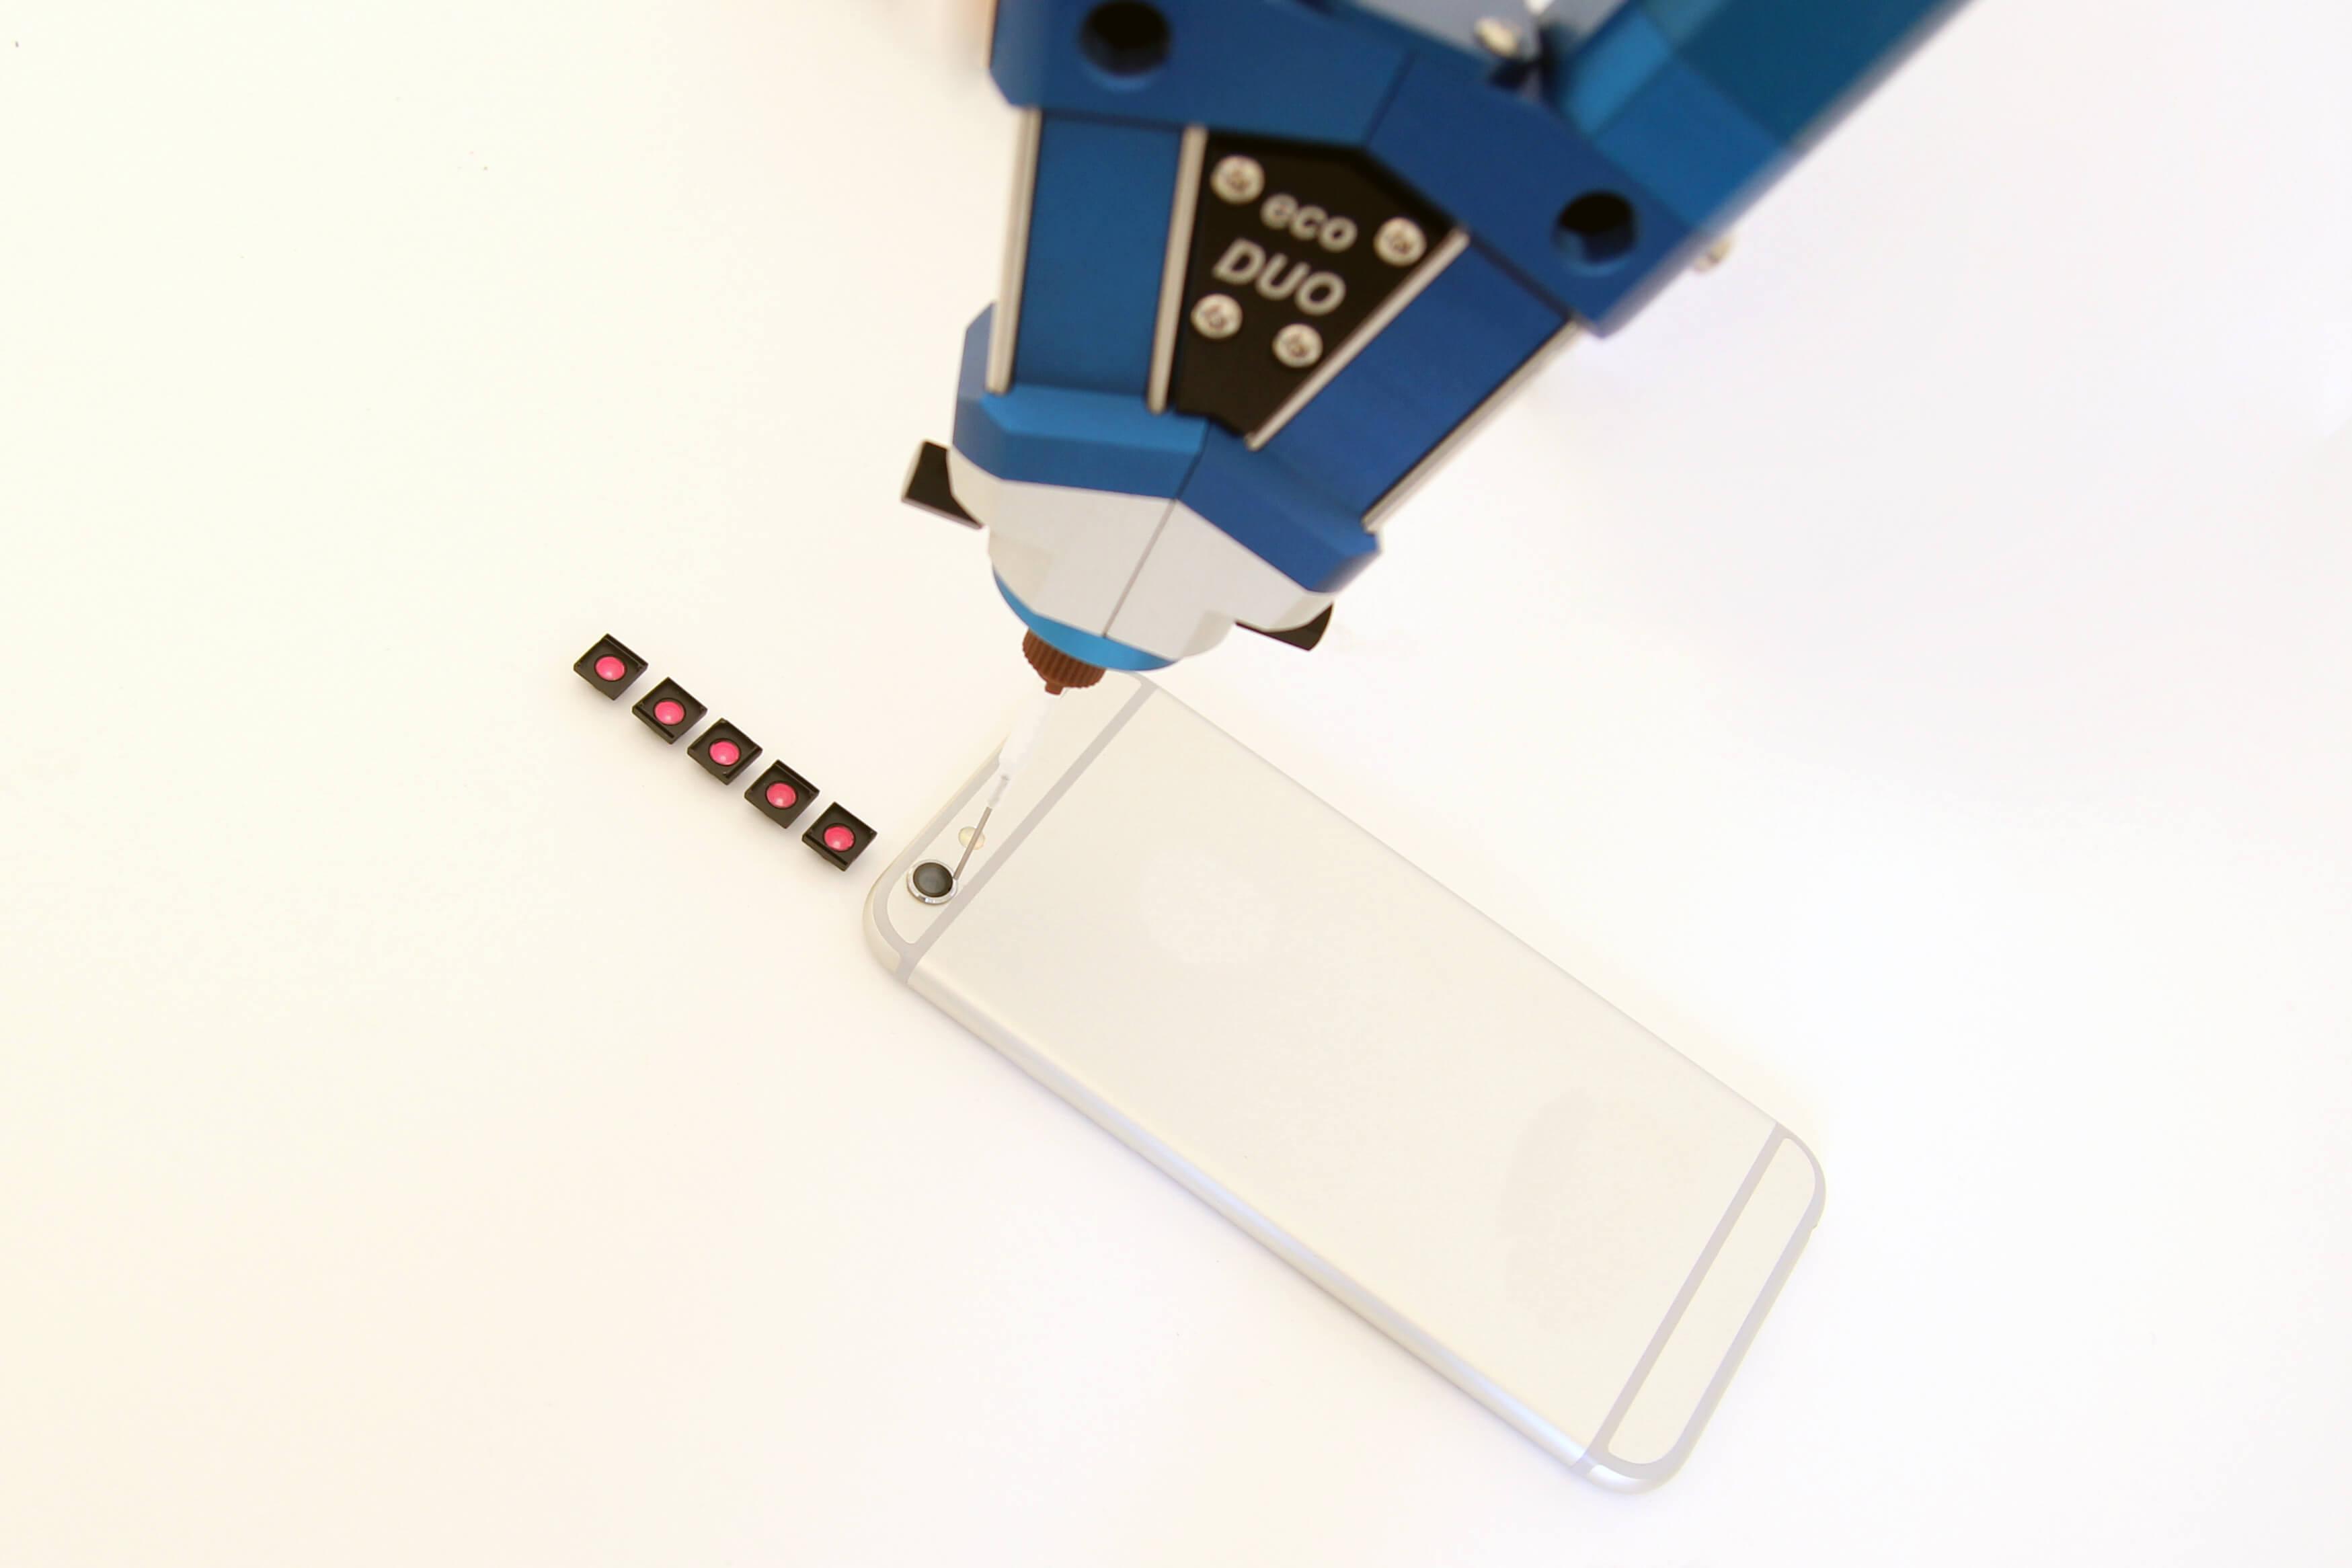 preeflow eco-DUO beim Verkleben einer Smartphone-Kamera